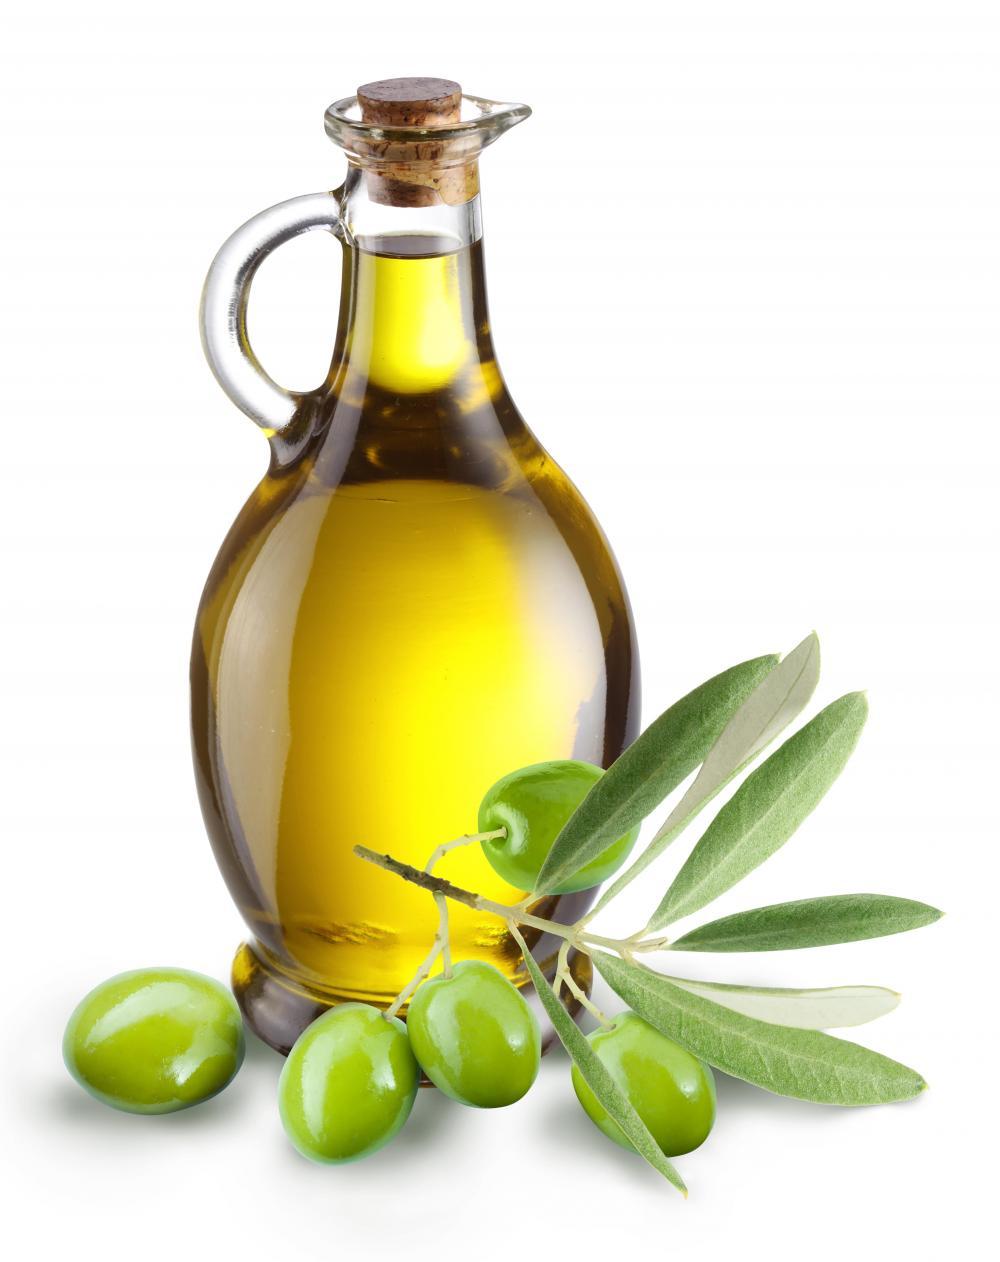 bottle-of-olive-oil-1.jpg